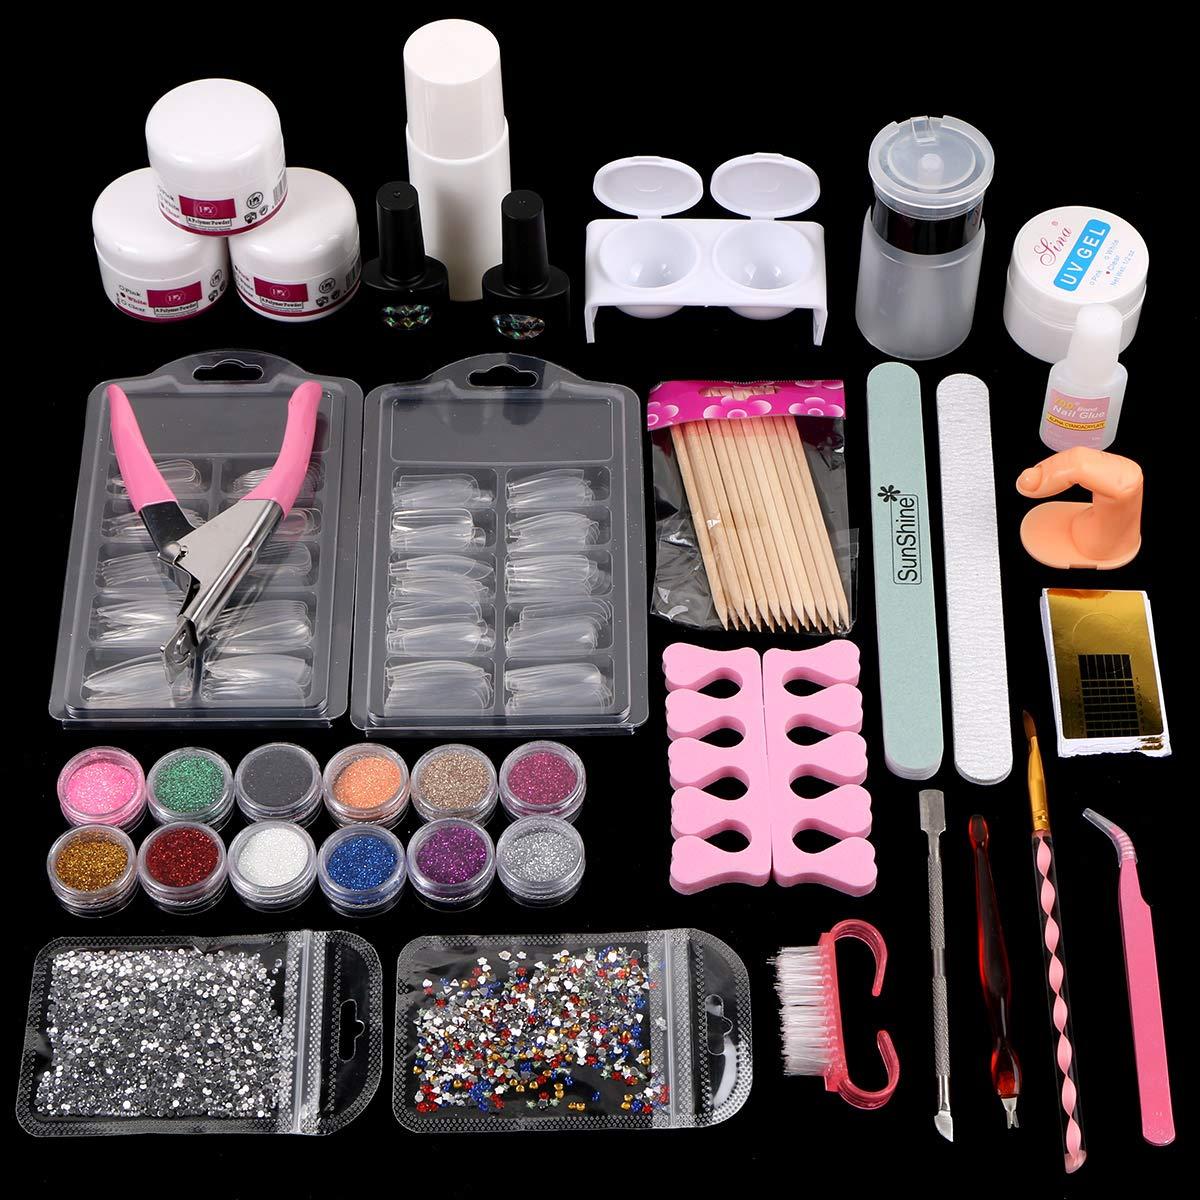 Acrylic Nail Art Tools Set Acrylic Nail Powders Glitters Brushes False French Nail Tips Nail Tips Cutter Nail Gels Full Nail Art Decoration Tools Set